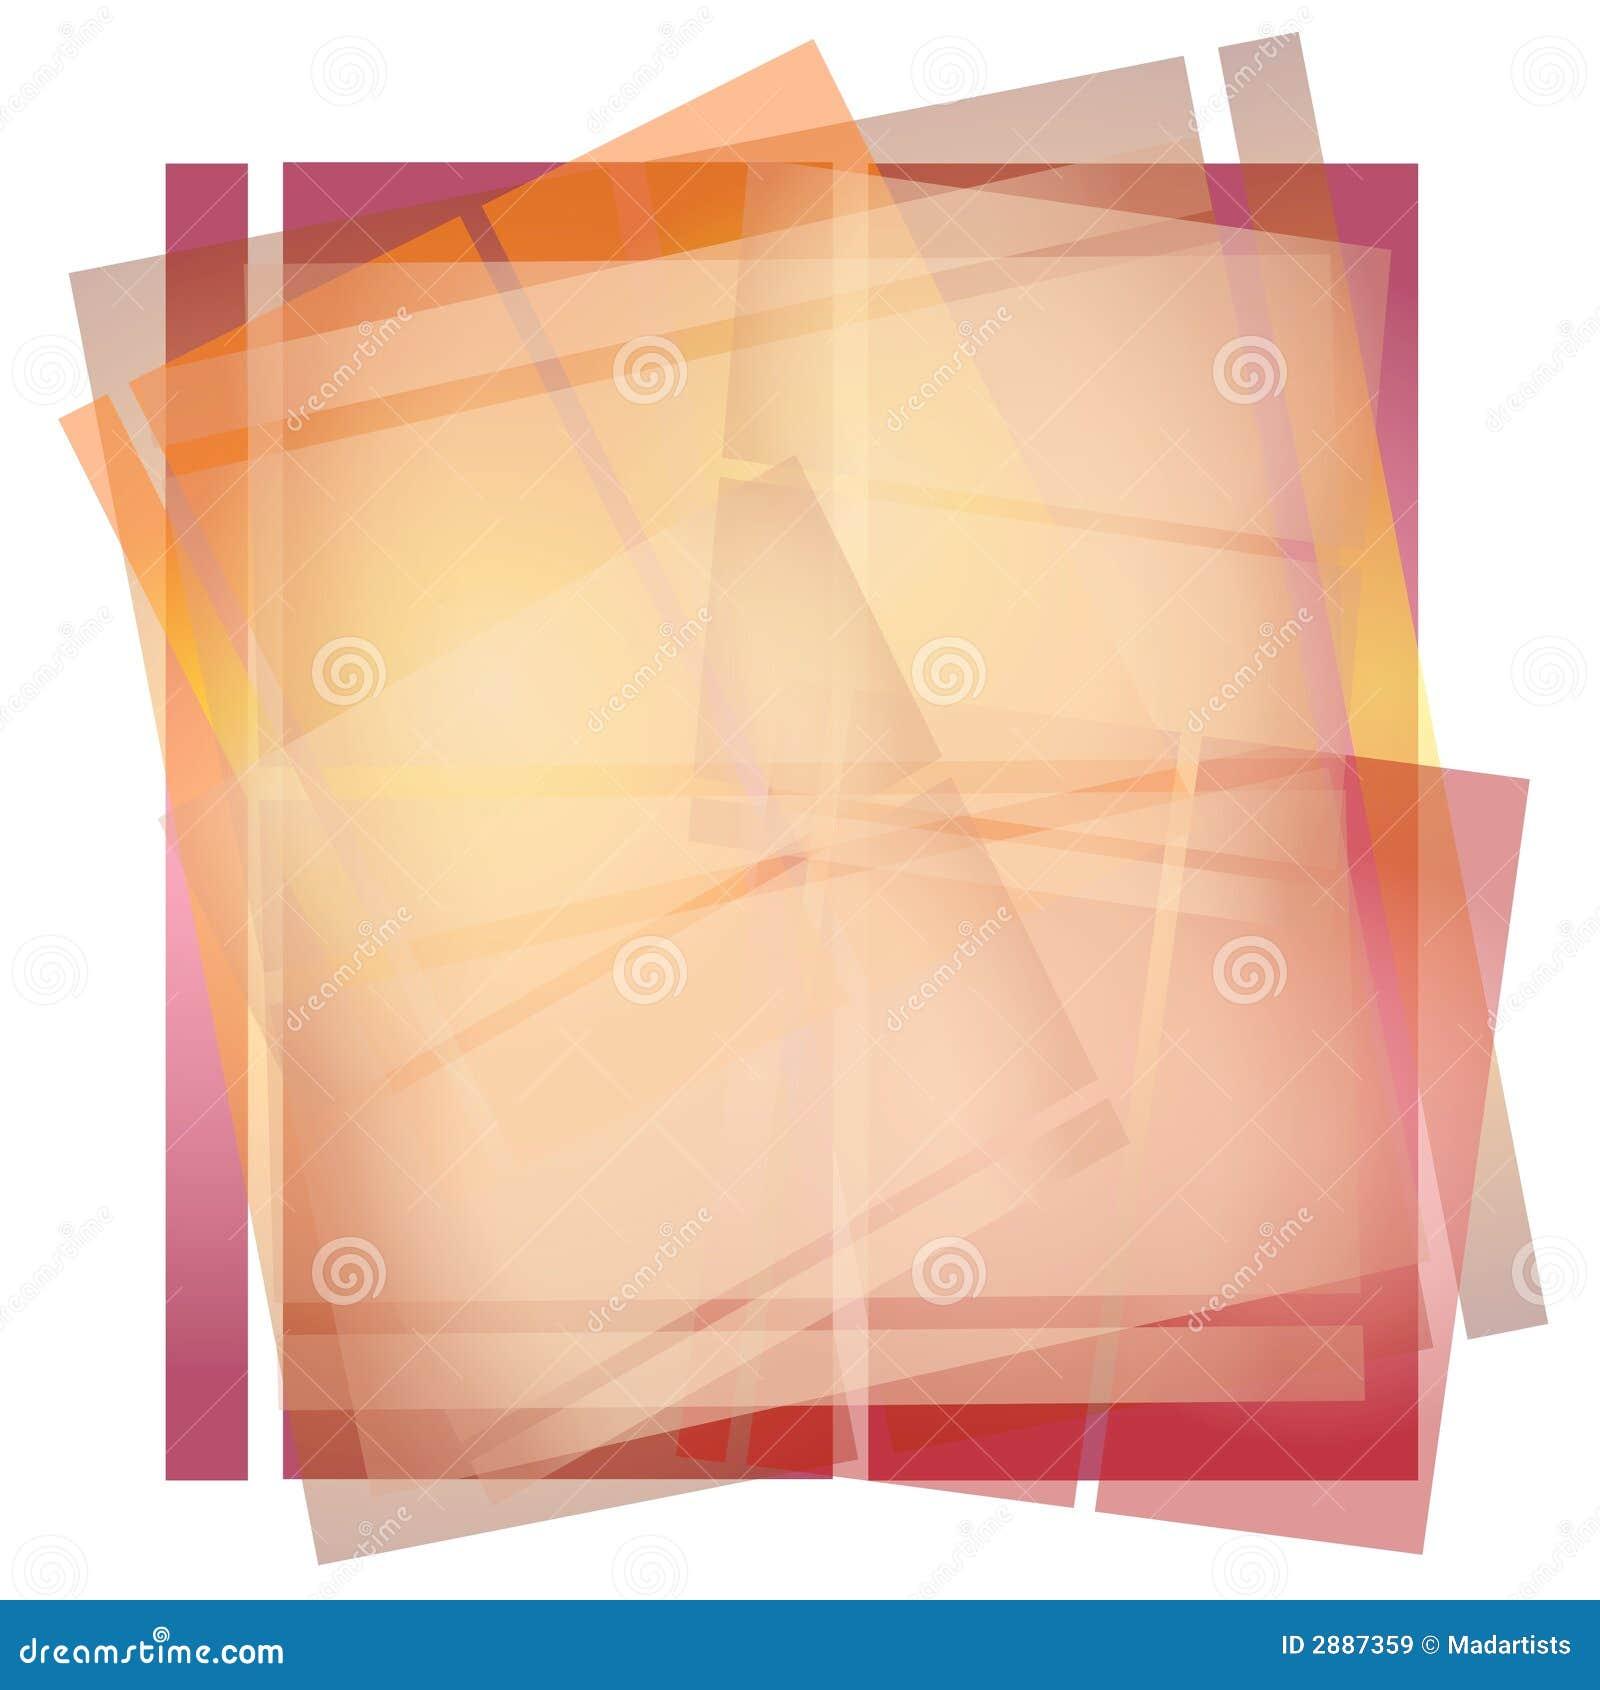 不透明的origami纸张纹理